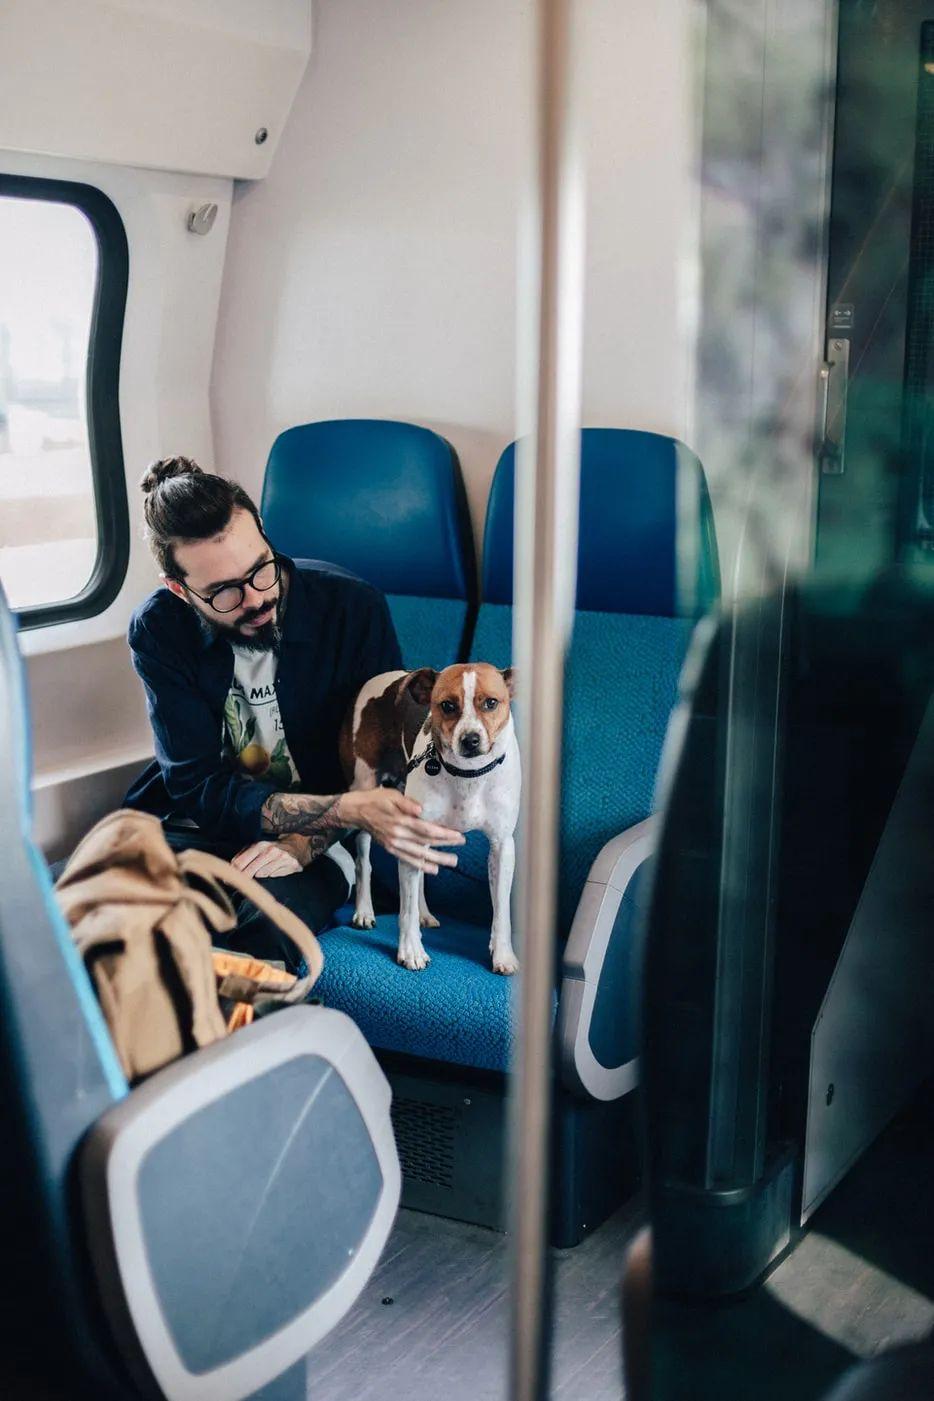 △带宠物的旅客/unsplash